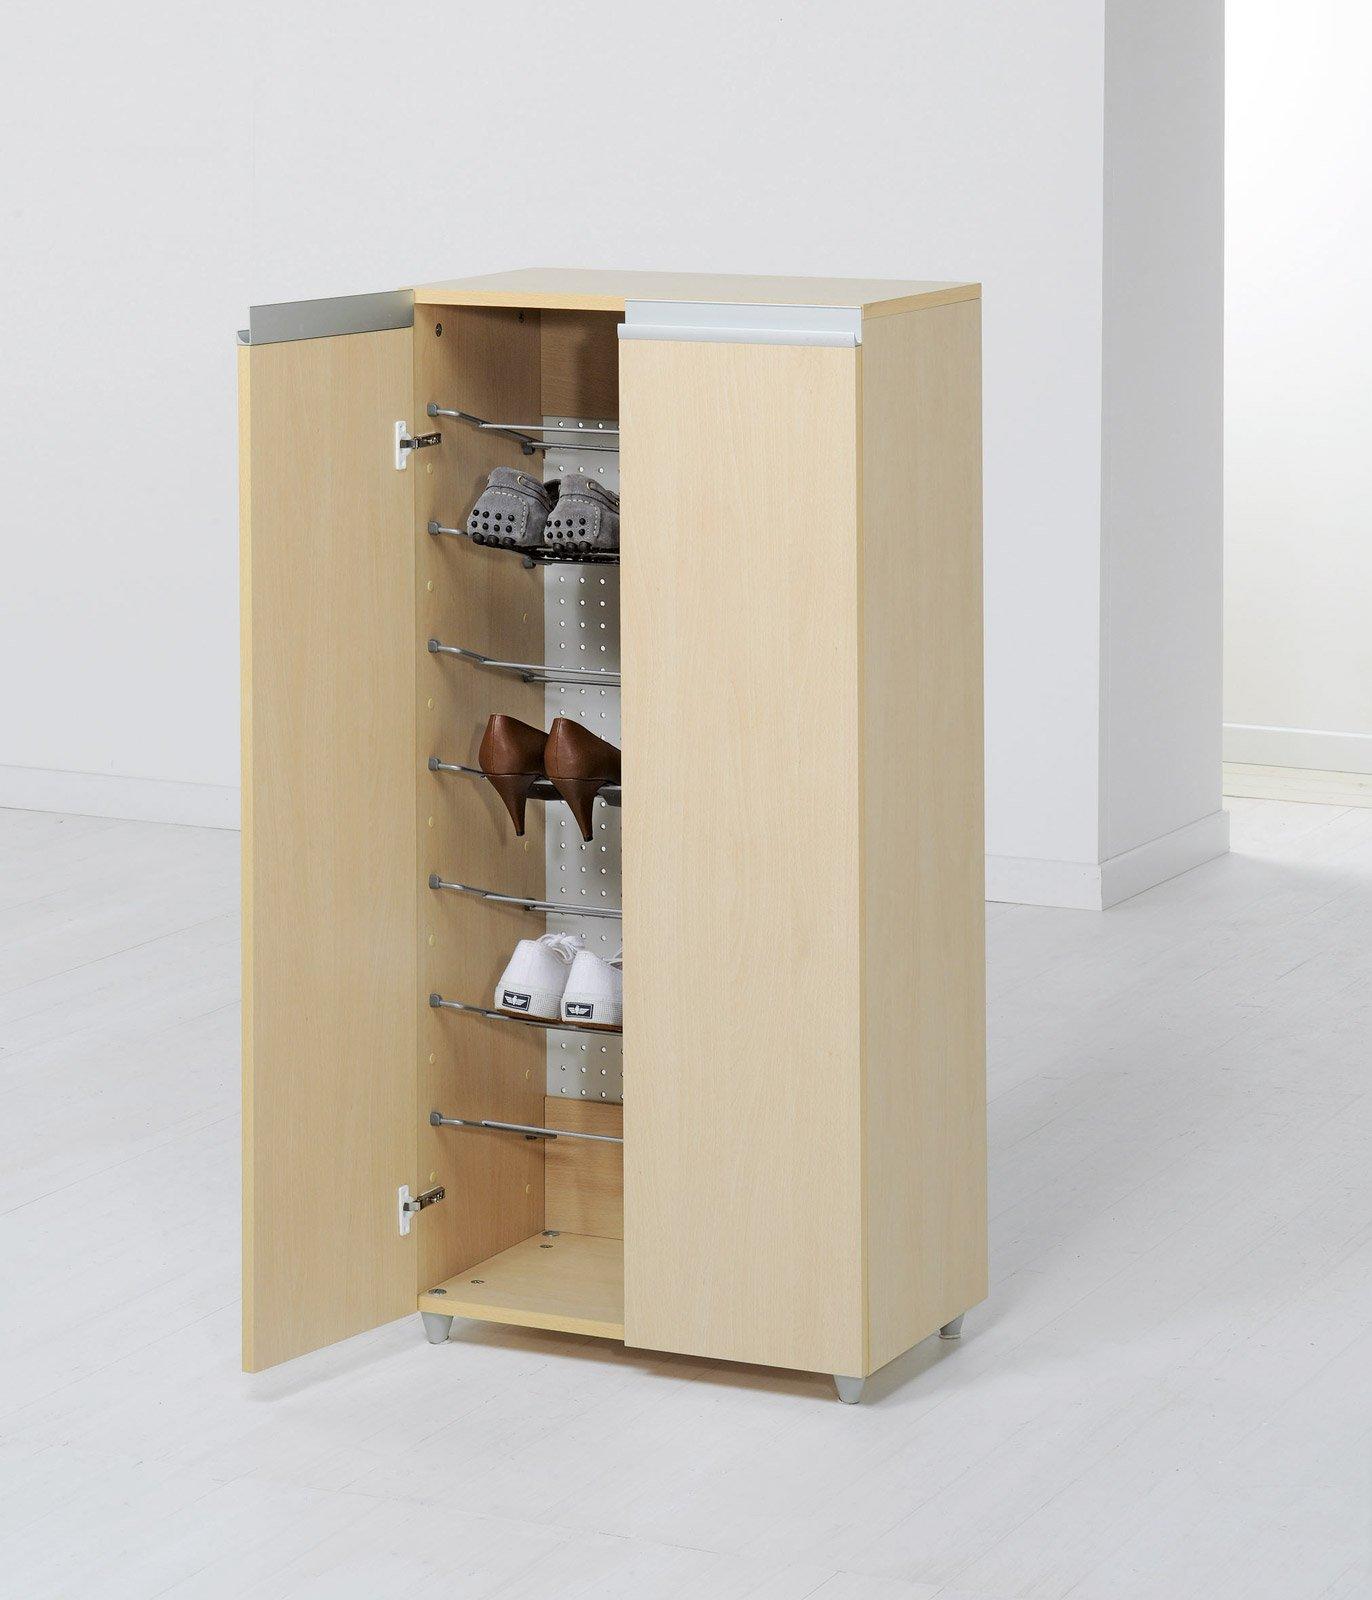 Scarpiere slim modulari e salvaspazio cose di casa - Ikea scarpiere da esterno ...